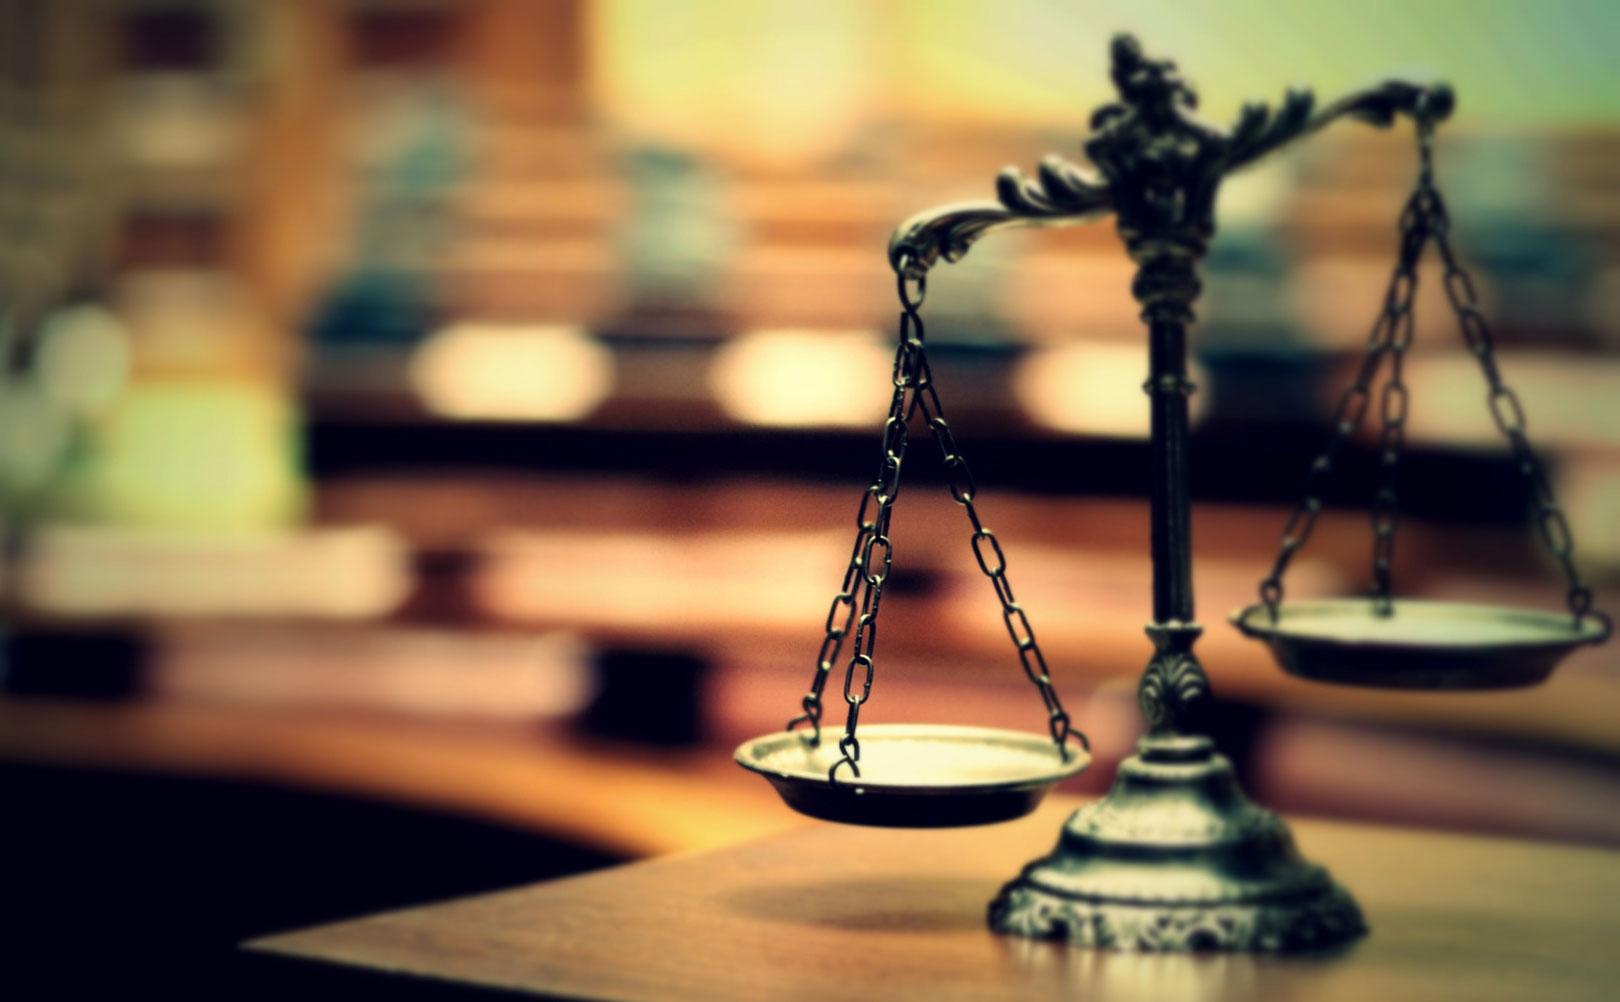 Adr arbitrato legal professional network sovraindebitamento